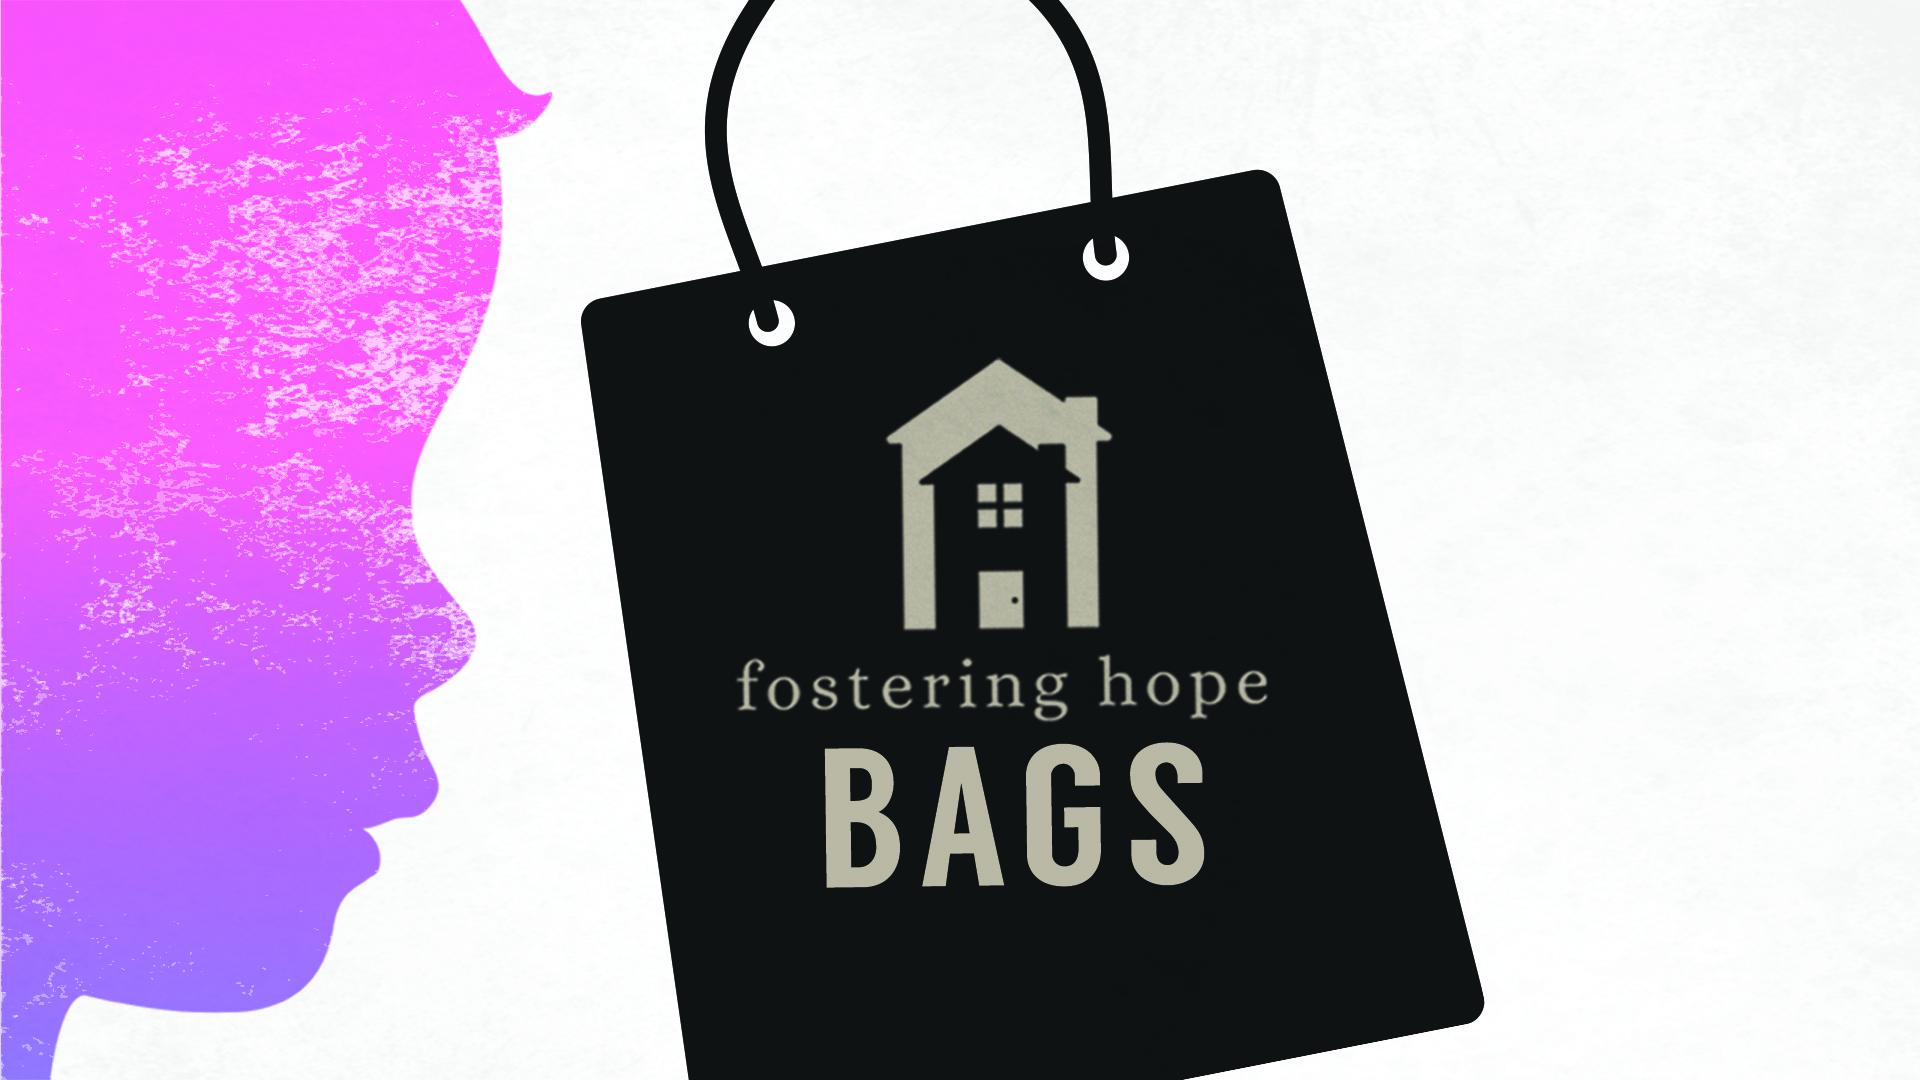 FOSTERING HOPE BAGSwide.jpg